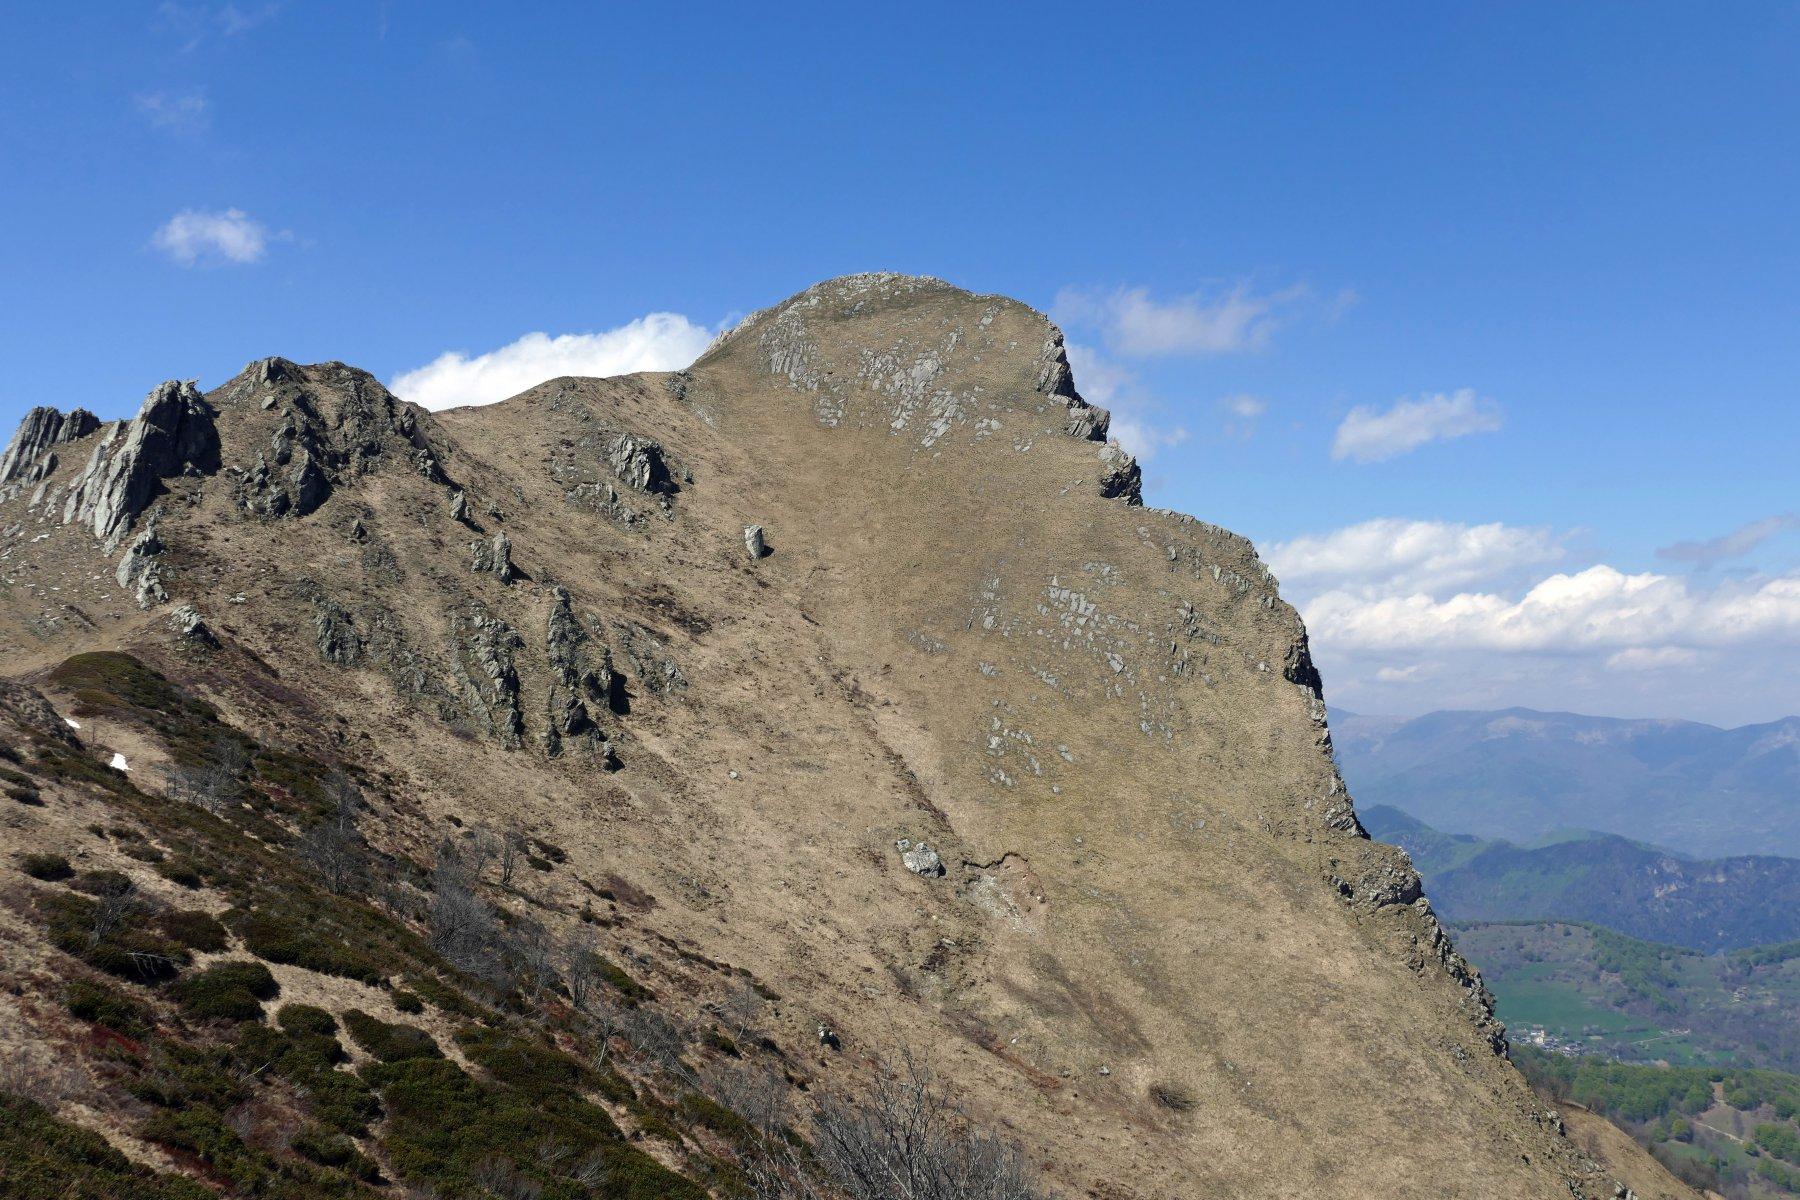 Radevil (Rocca) da Case Rounvel e il colle dell'Ortiga 2016-04-26